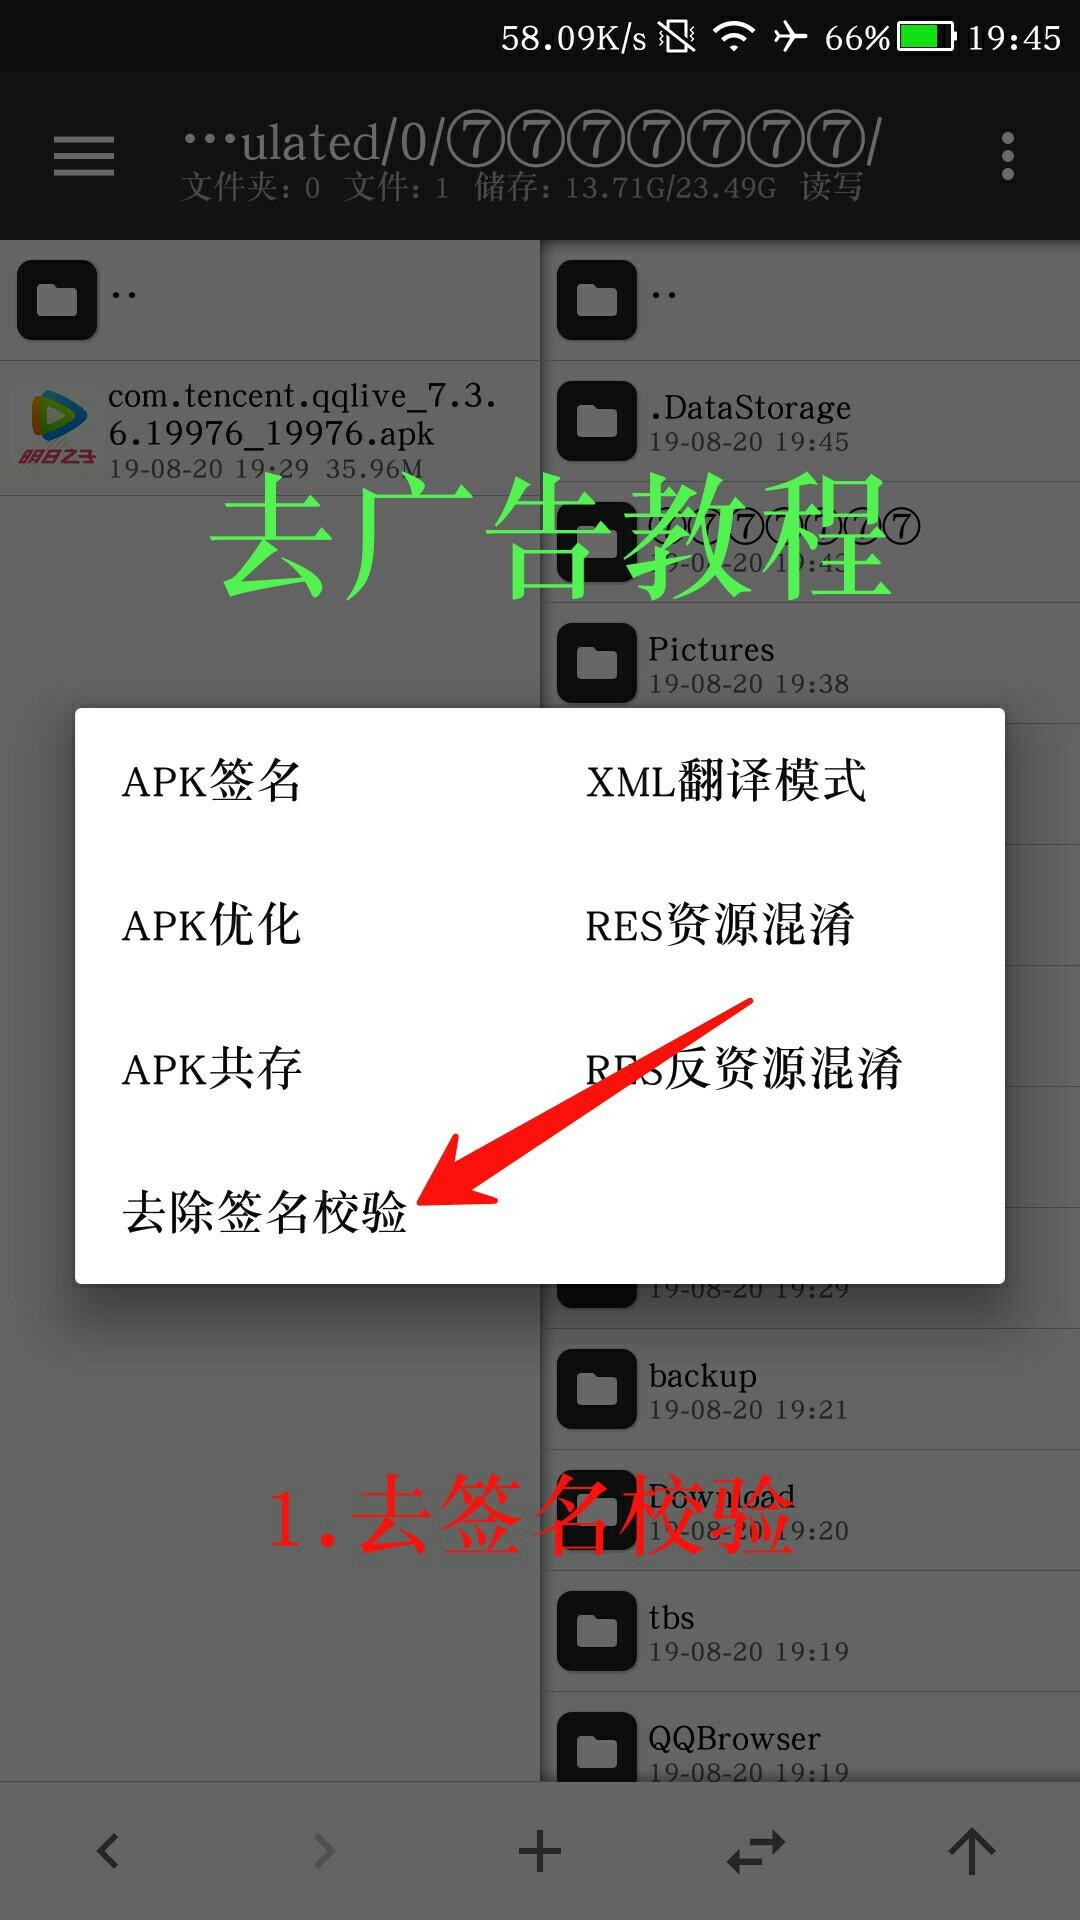 【技术教程】腾讯视频最新版去广告、破解本地VIP、QQ修复教程-www.im86.com